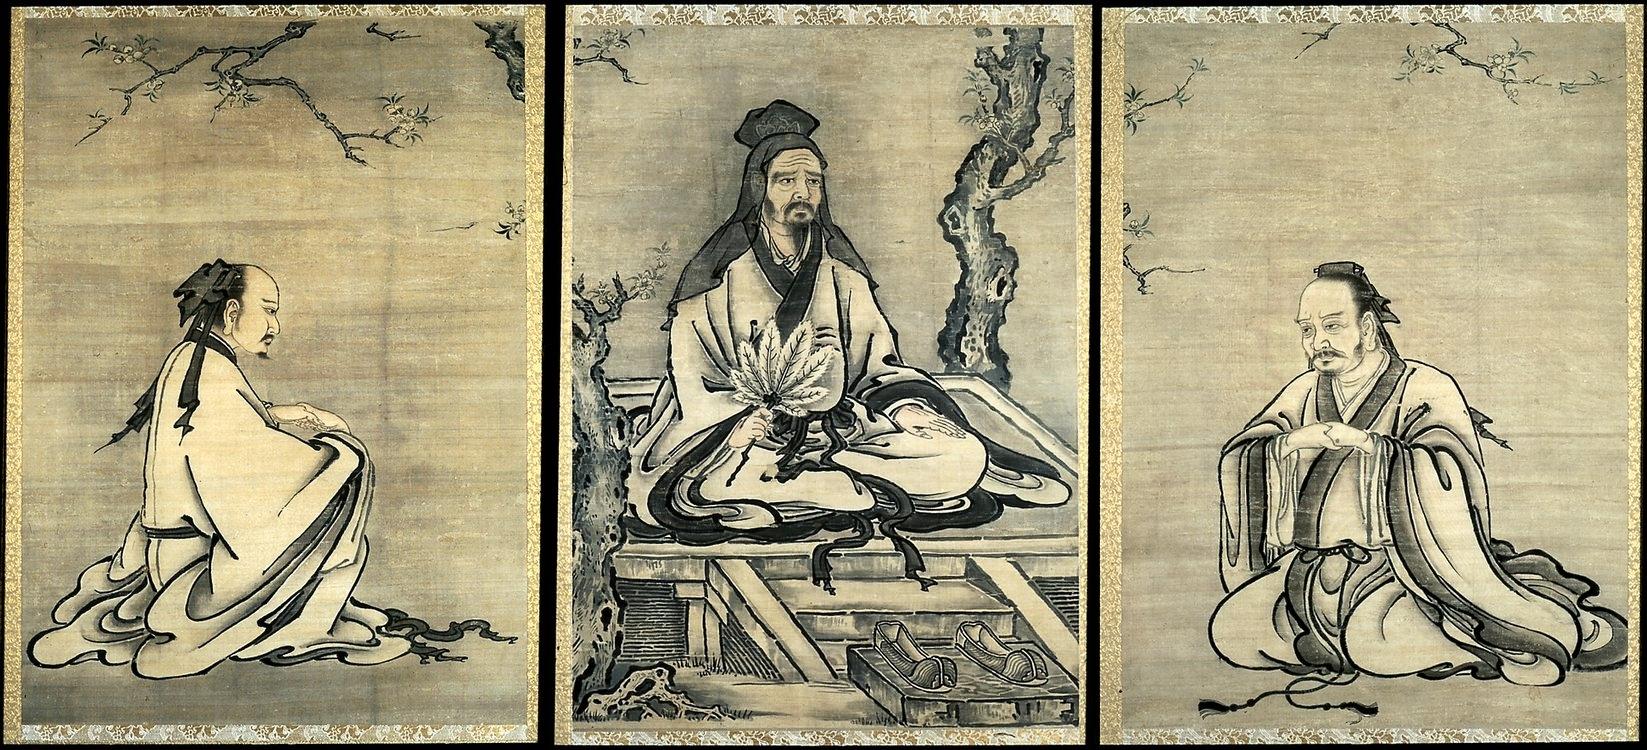 Конфуций медитирует